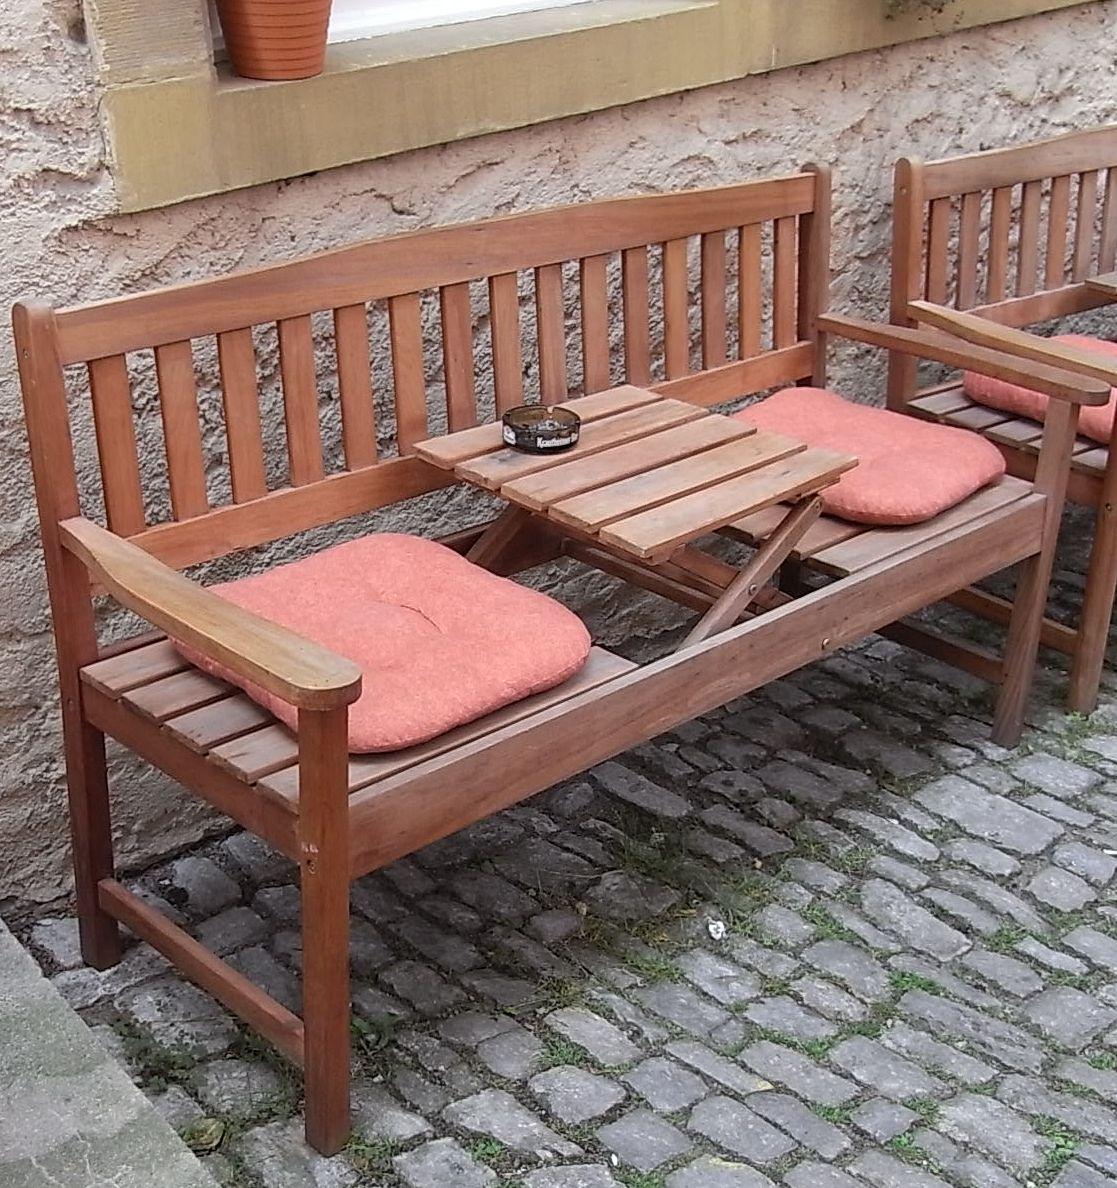 Eine gute Idee aus Holz ist die Bank mit ausklappbarem Tischchen Hier